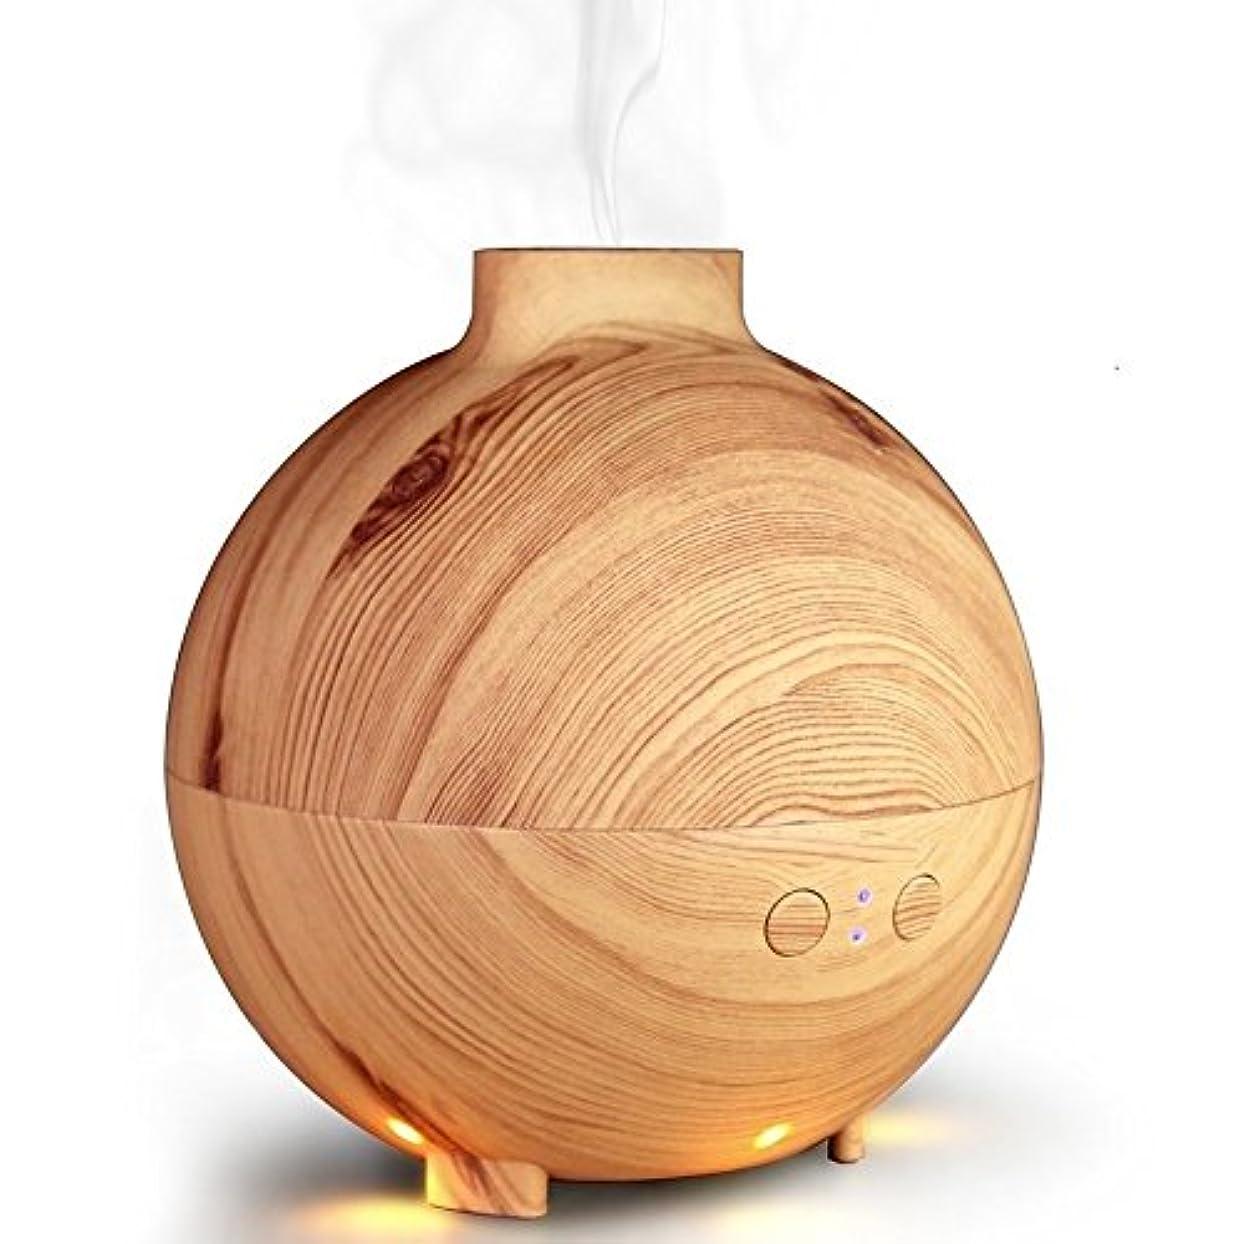 精神的に生まれ略奪アロマエッセンシャルオイルディフューザー、アロマテラピー加湿器空気清浄機クールミストの香りクールミスト加湿器用家庭、ヨガ、オフィス、スパ,lightwood